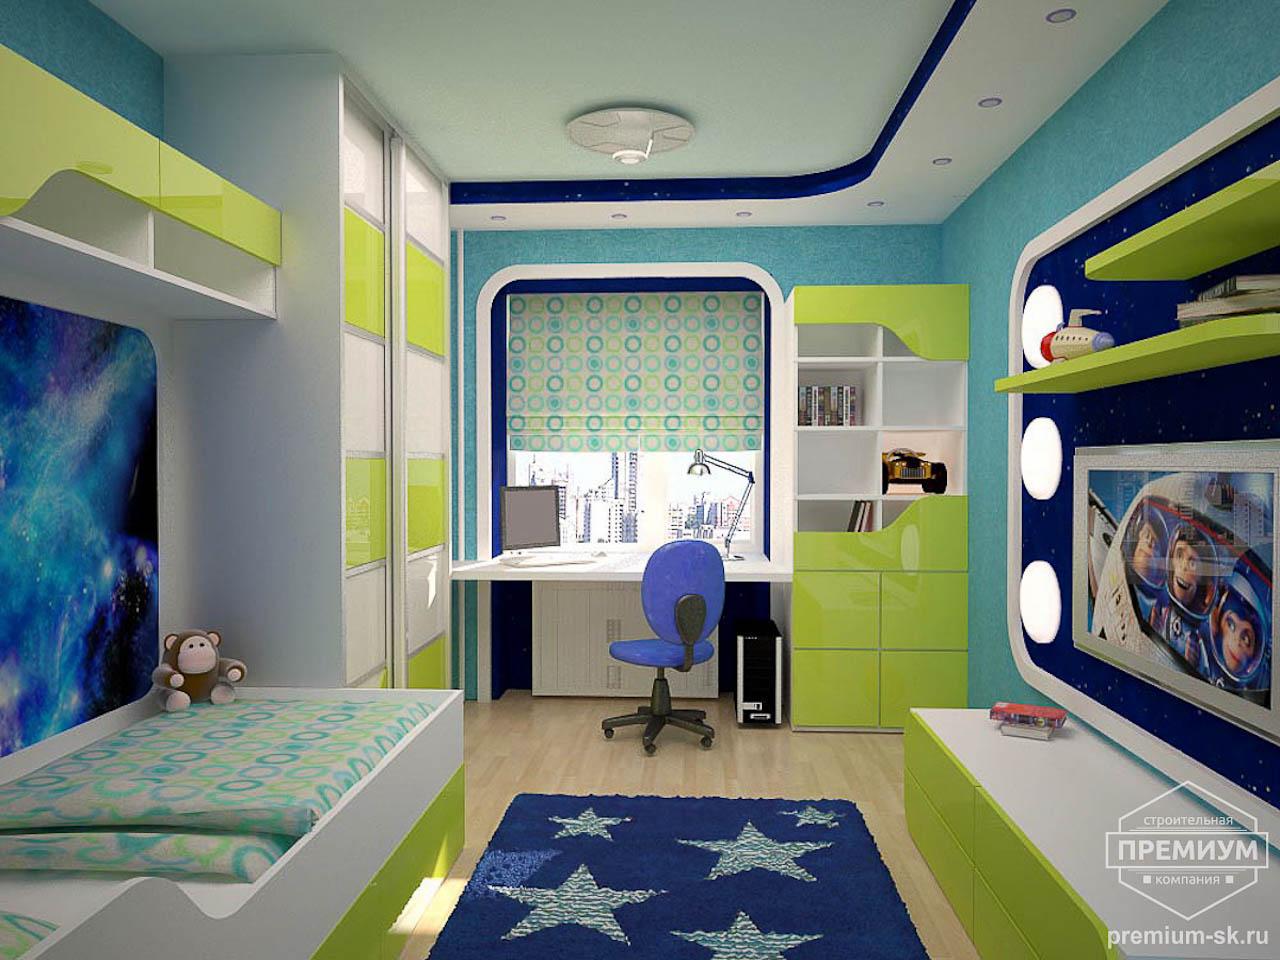 Дизайн интерьера детской по ул. Радищева 33 img239725277